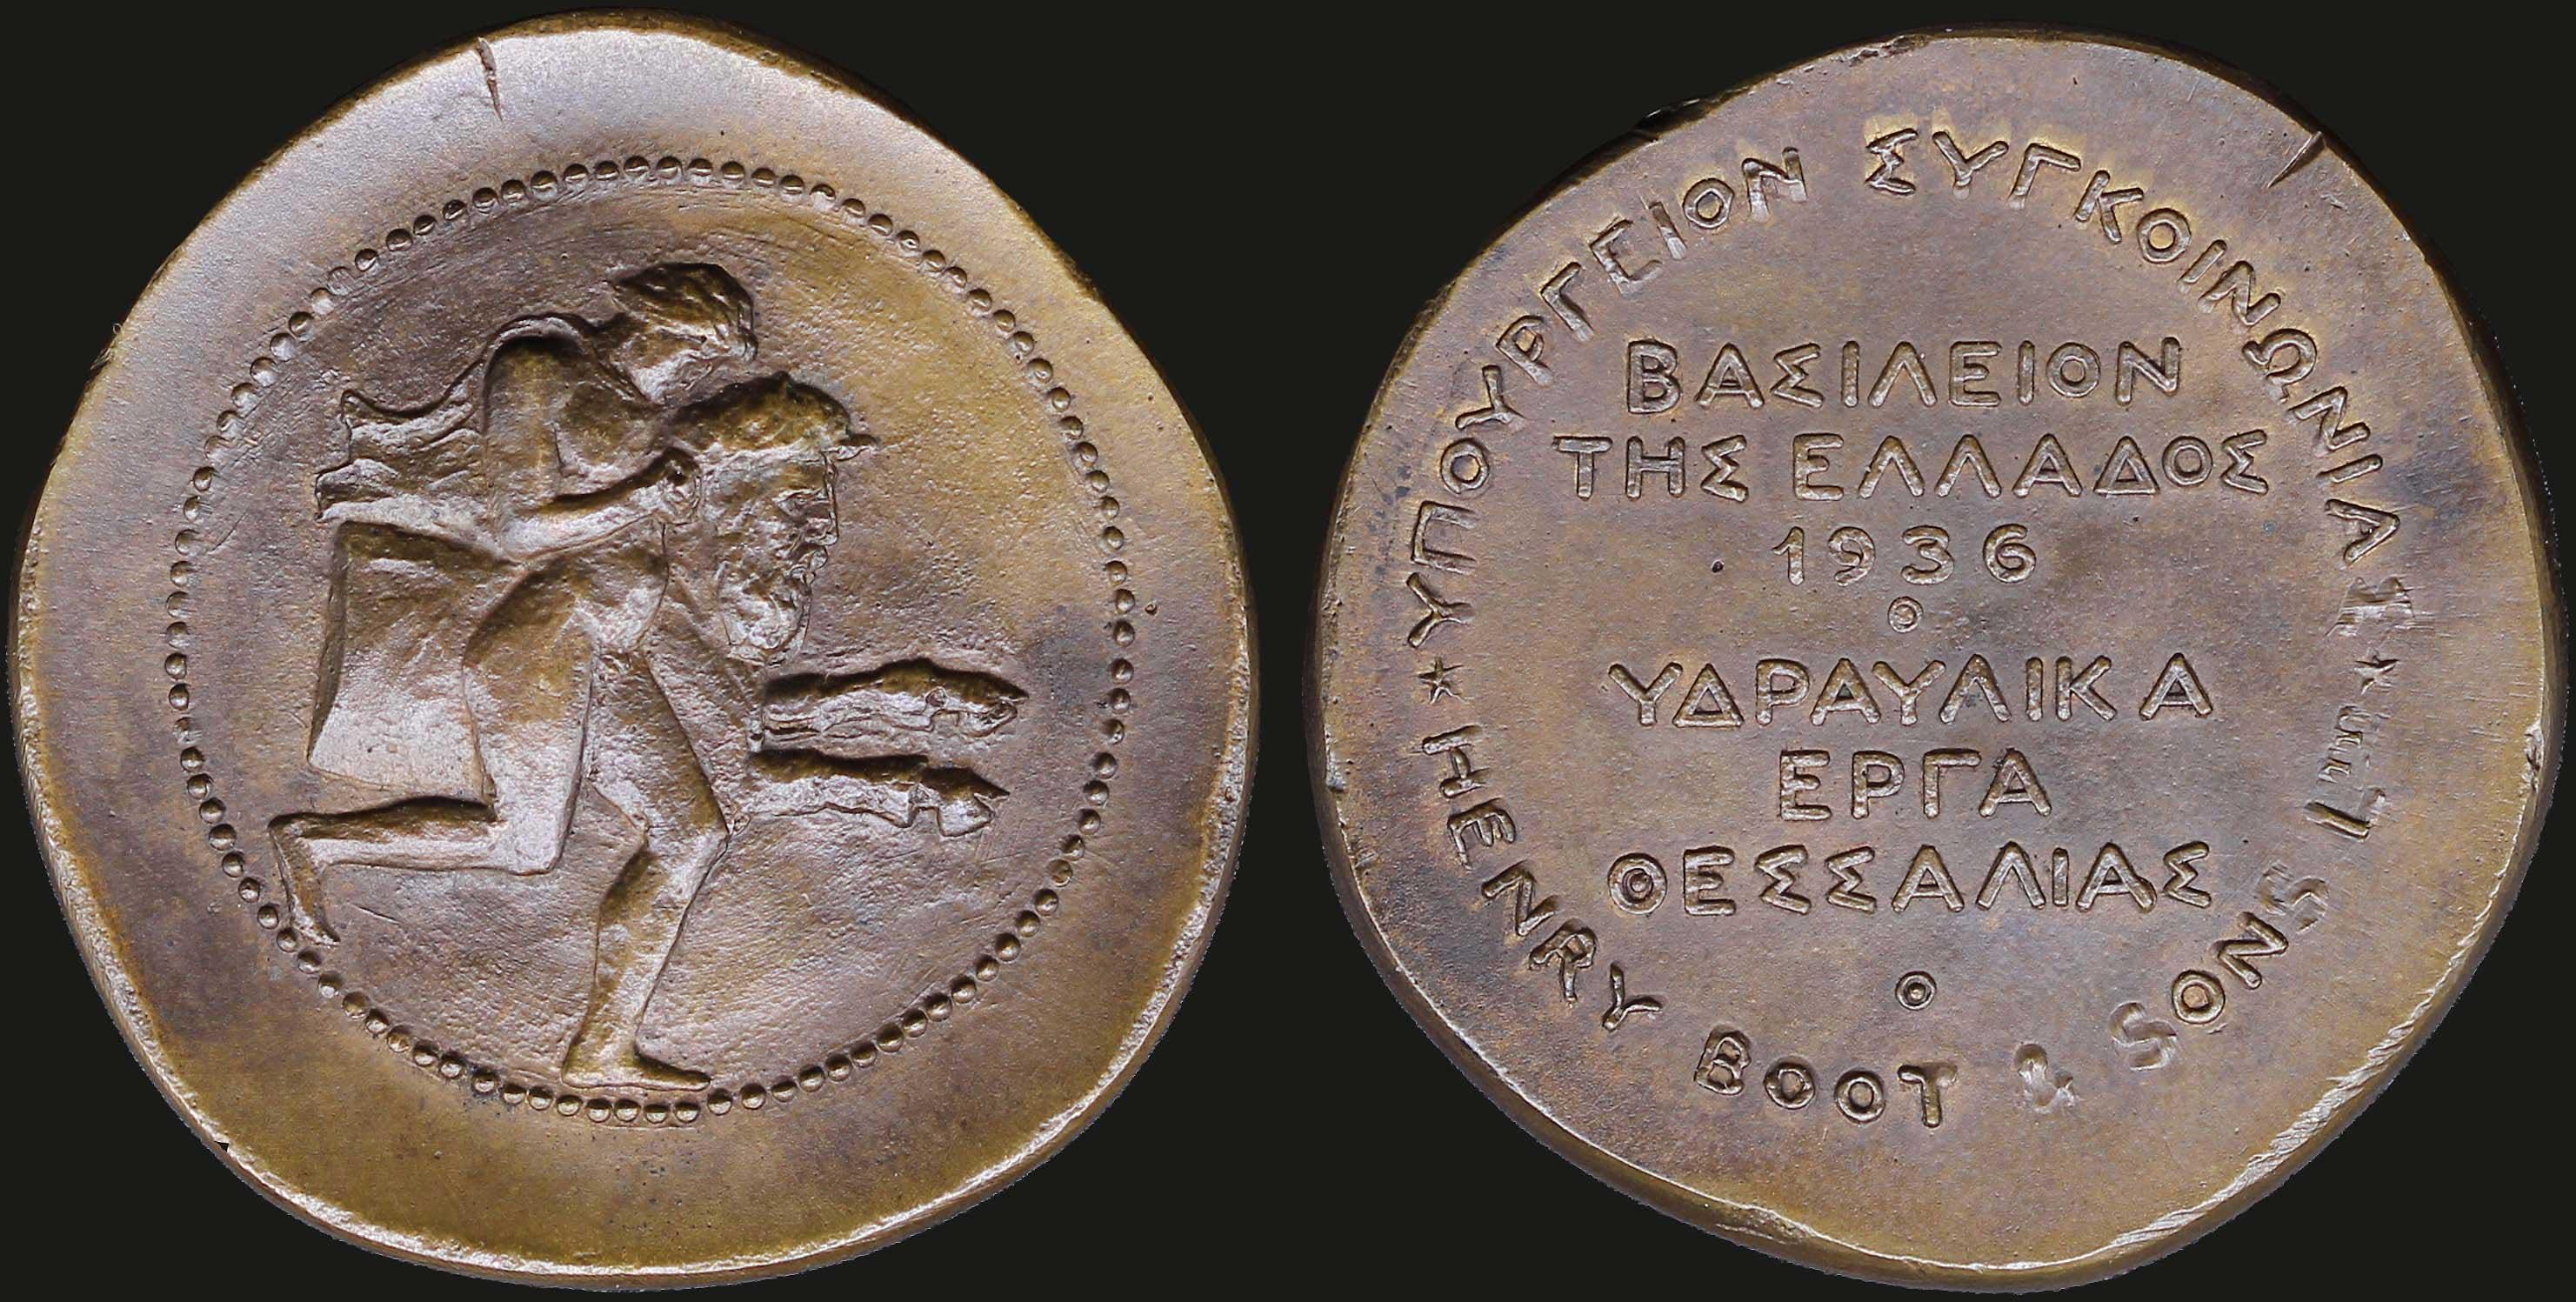 Lot 6561 - -  MEDALS & DECORATIONS various greek medals -  A. Karamitsos Public & Live Bid Auction 636 Coins, Medals & Banknotes